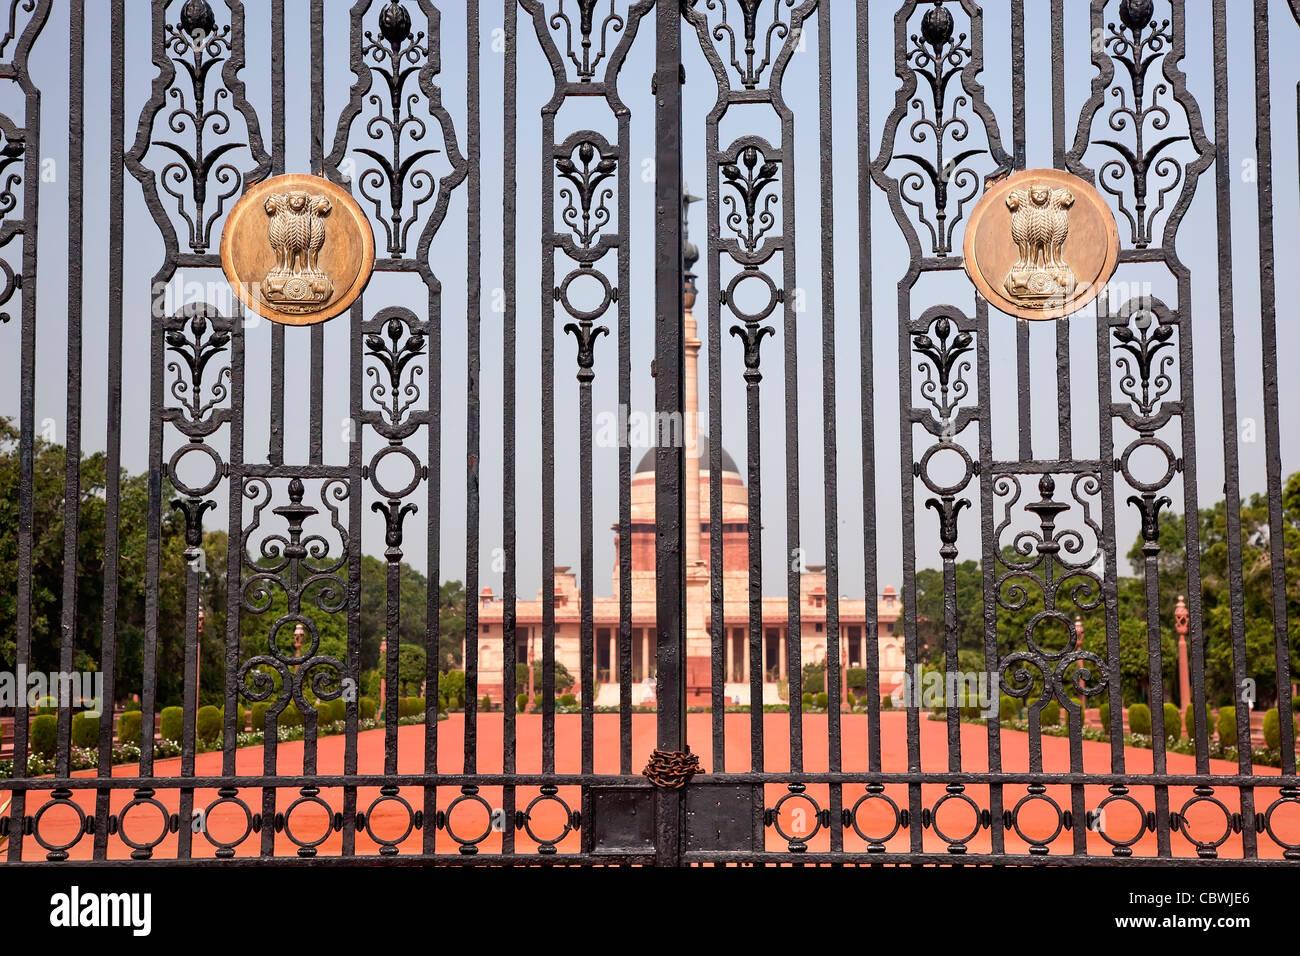 Rashtrapati Bhavan Gate la cancelli in ferro residenza ufficiale Presidente New Delhi, India Immagini Stock